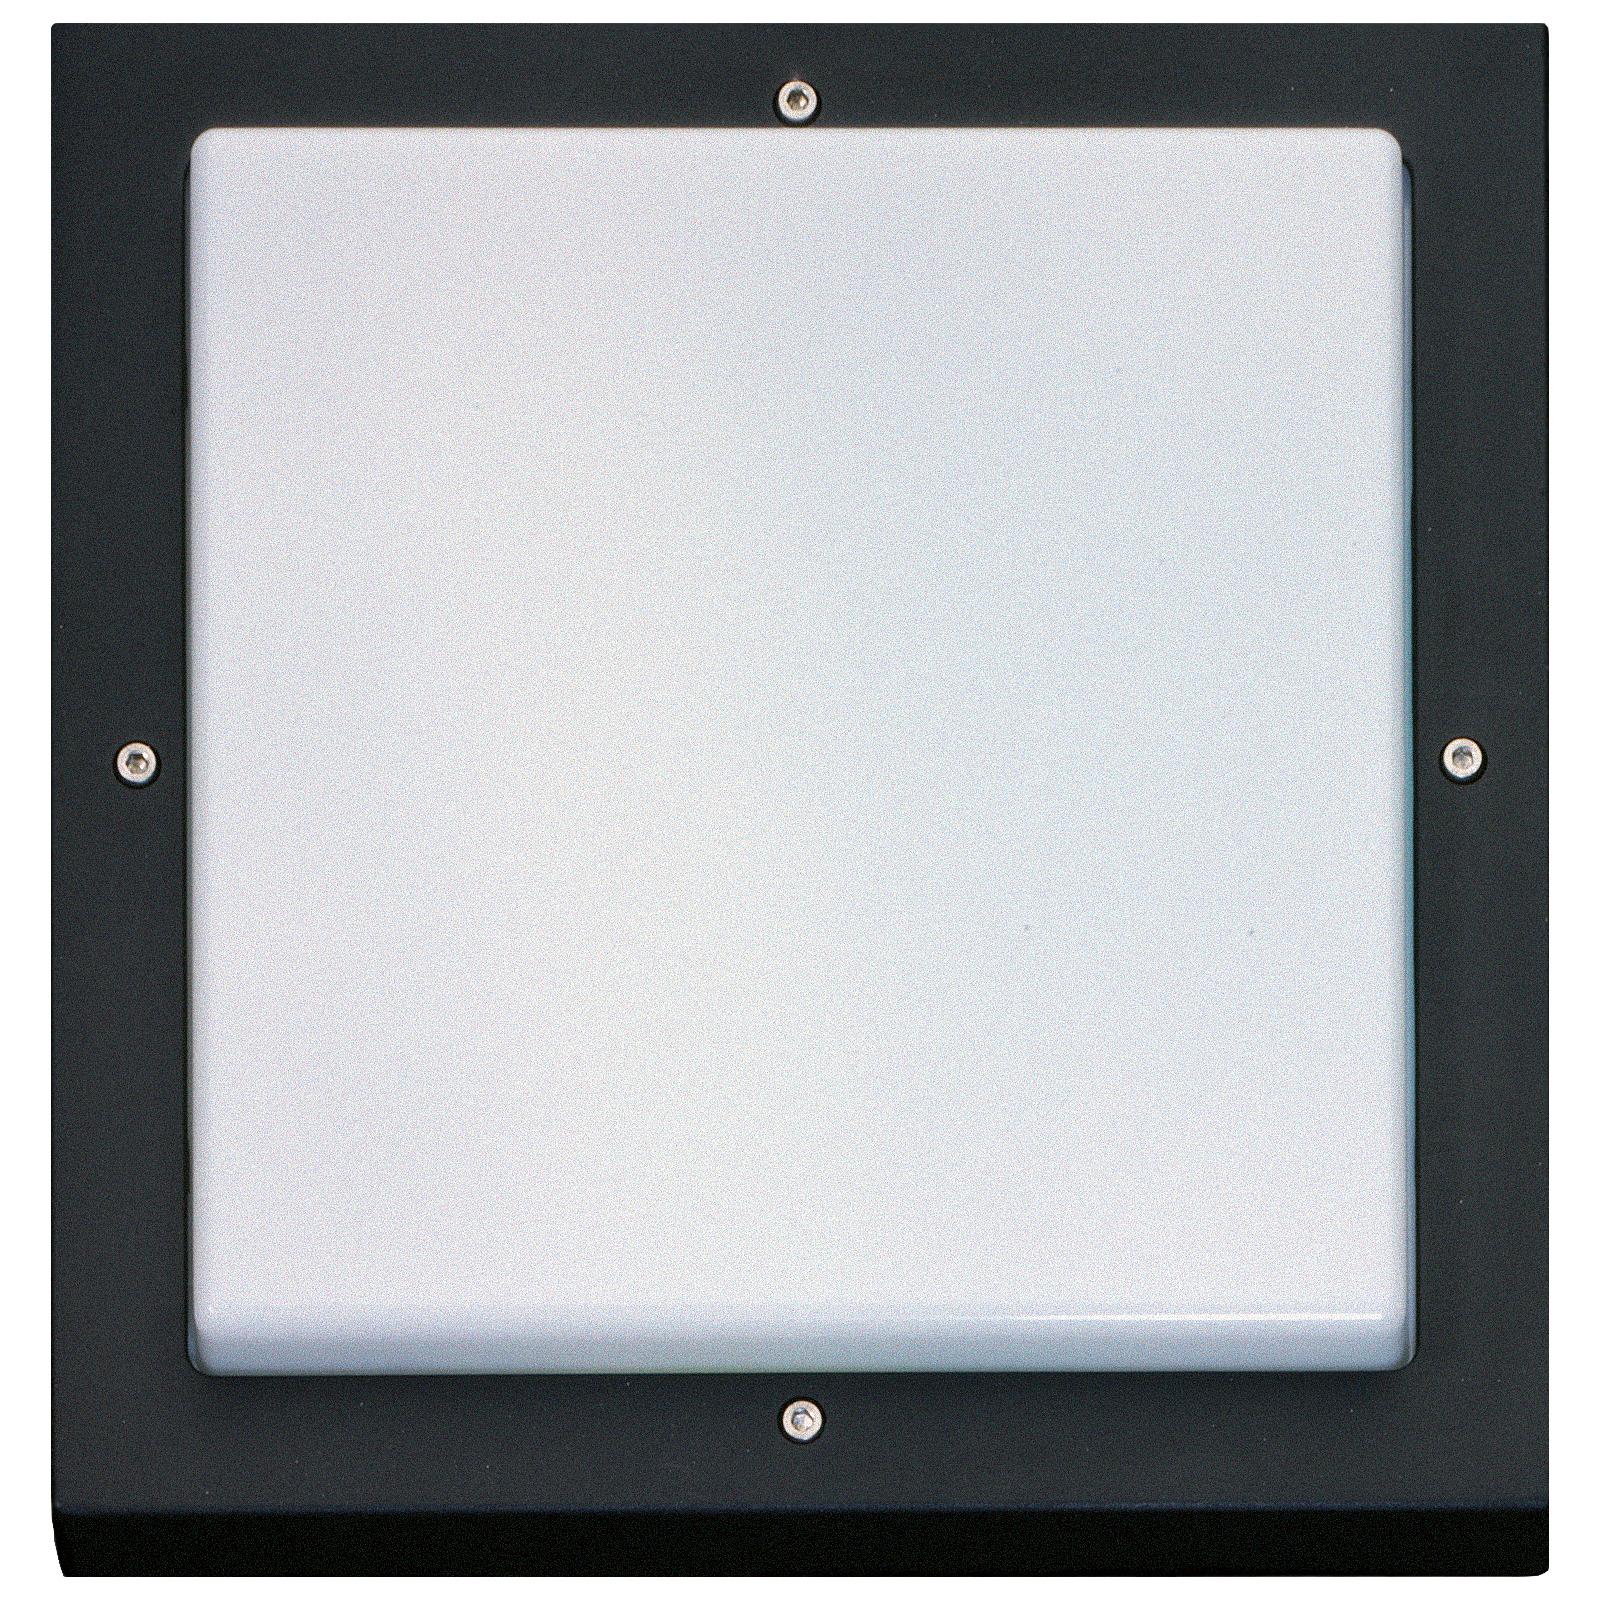 LED-Wandleuchte, ELS 551/552/553